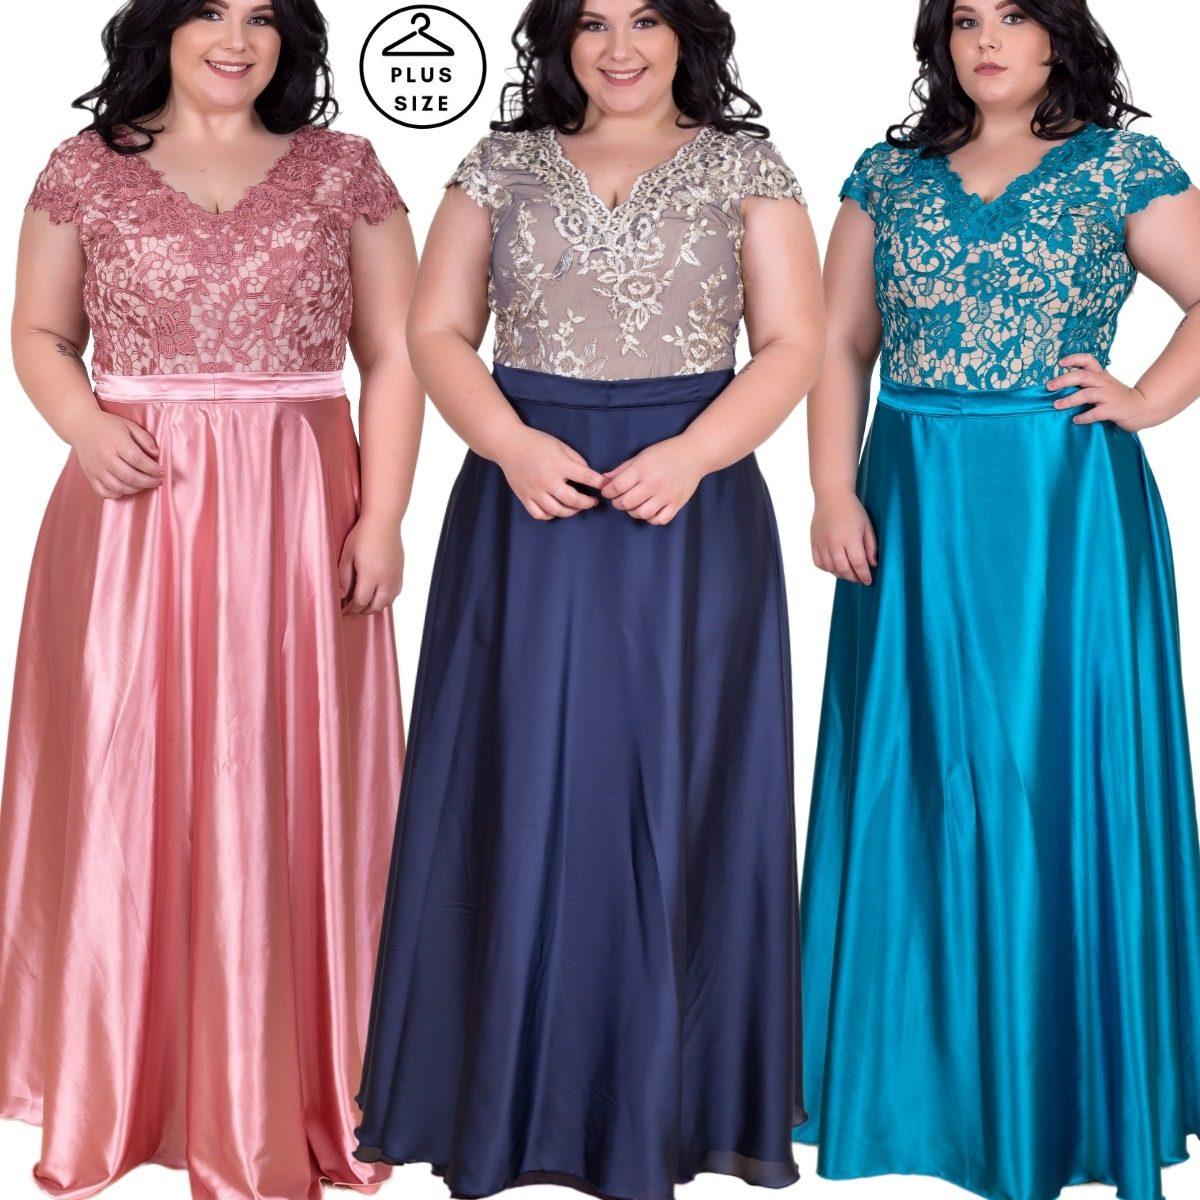 b2c8399fa35 vestido festa longo plus size sob medida ate 60 #midoranoiva. Carregando  zoom.